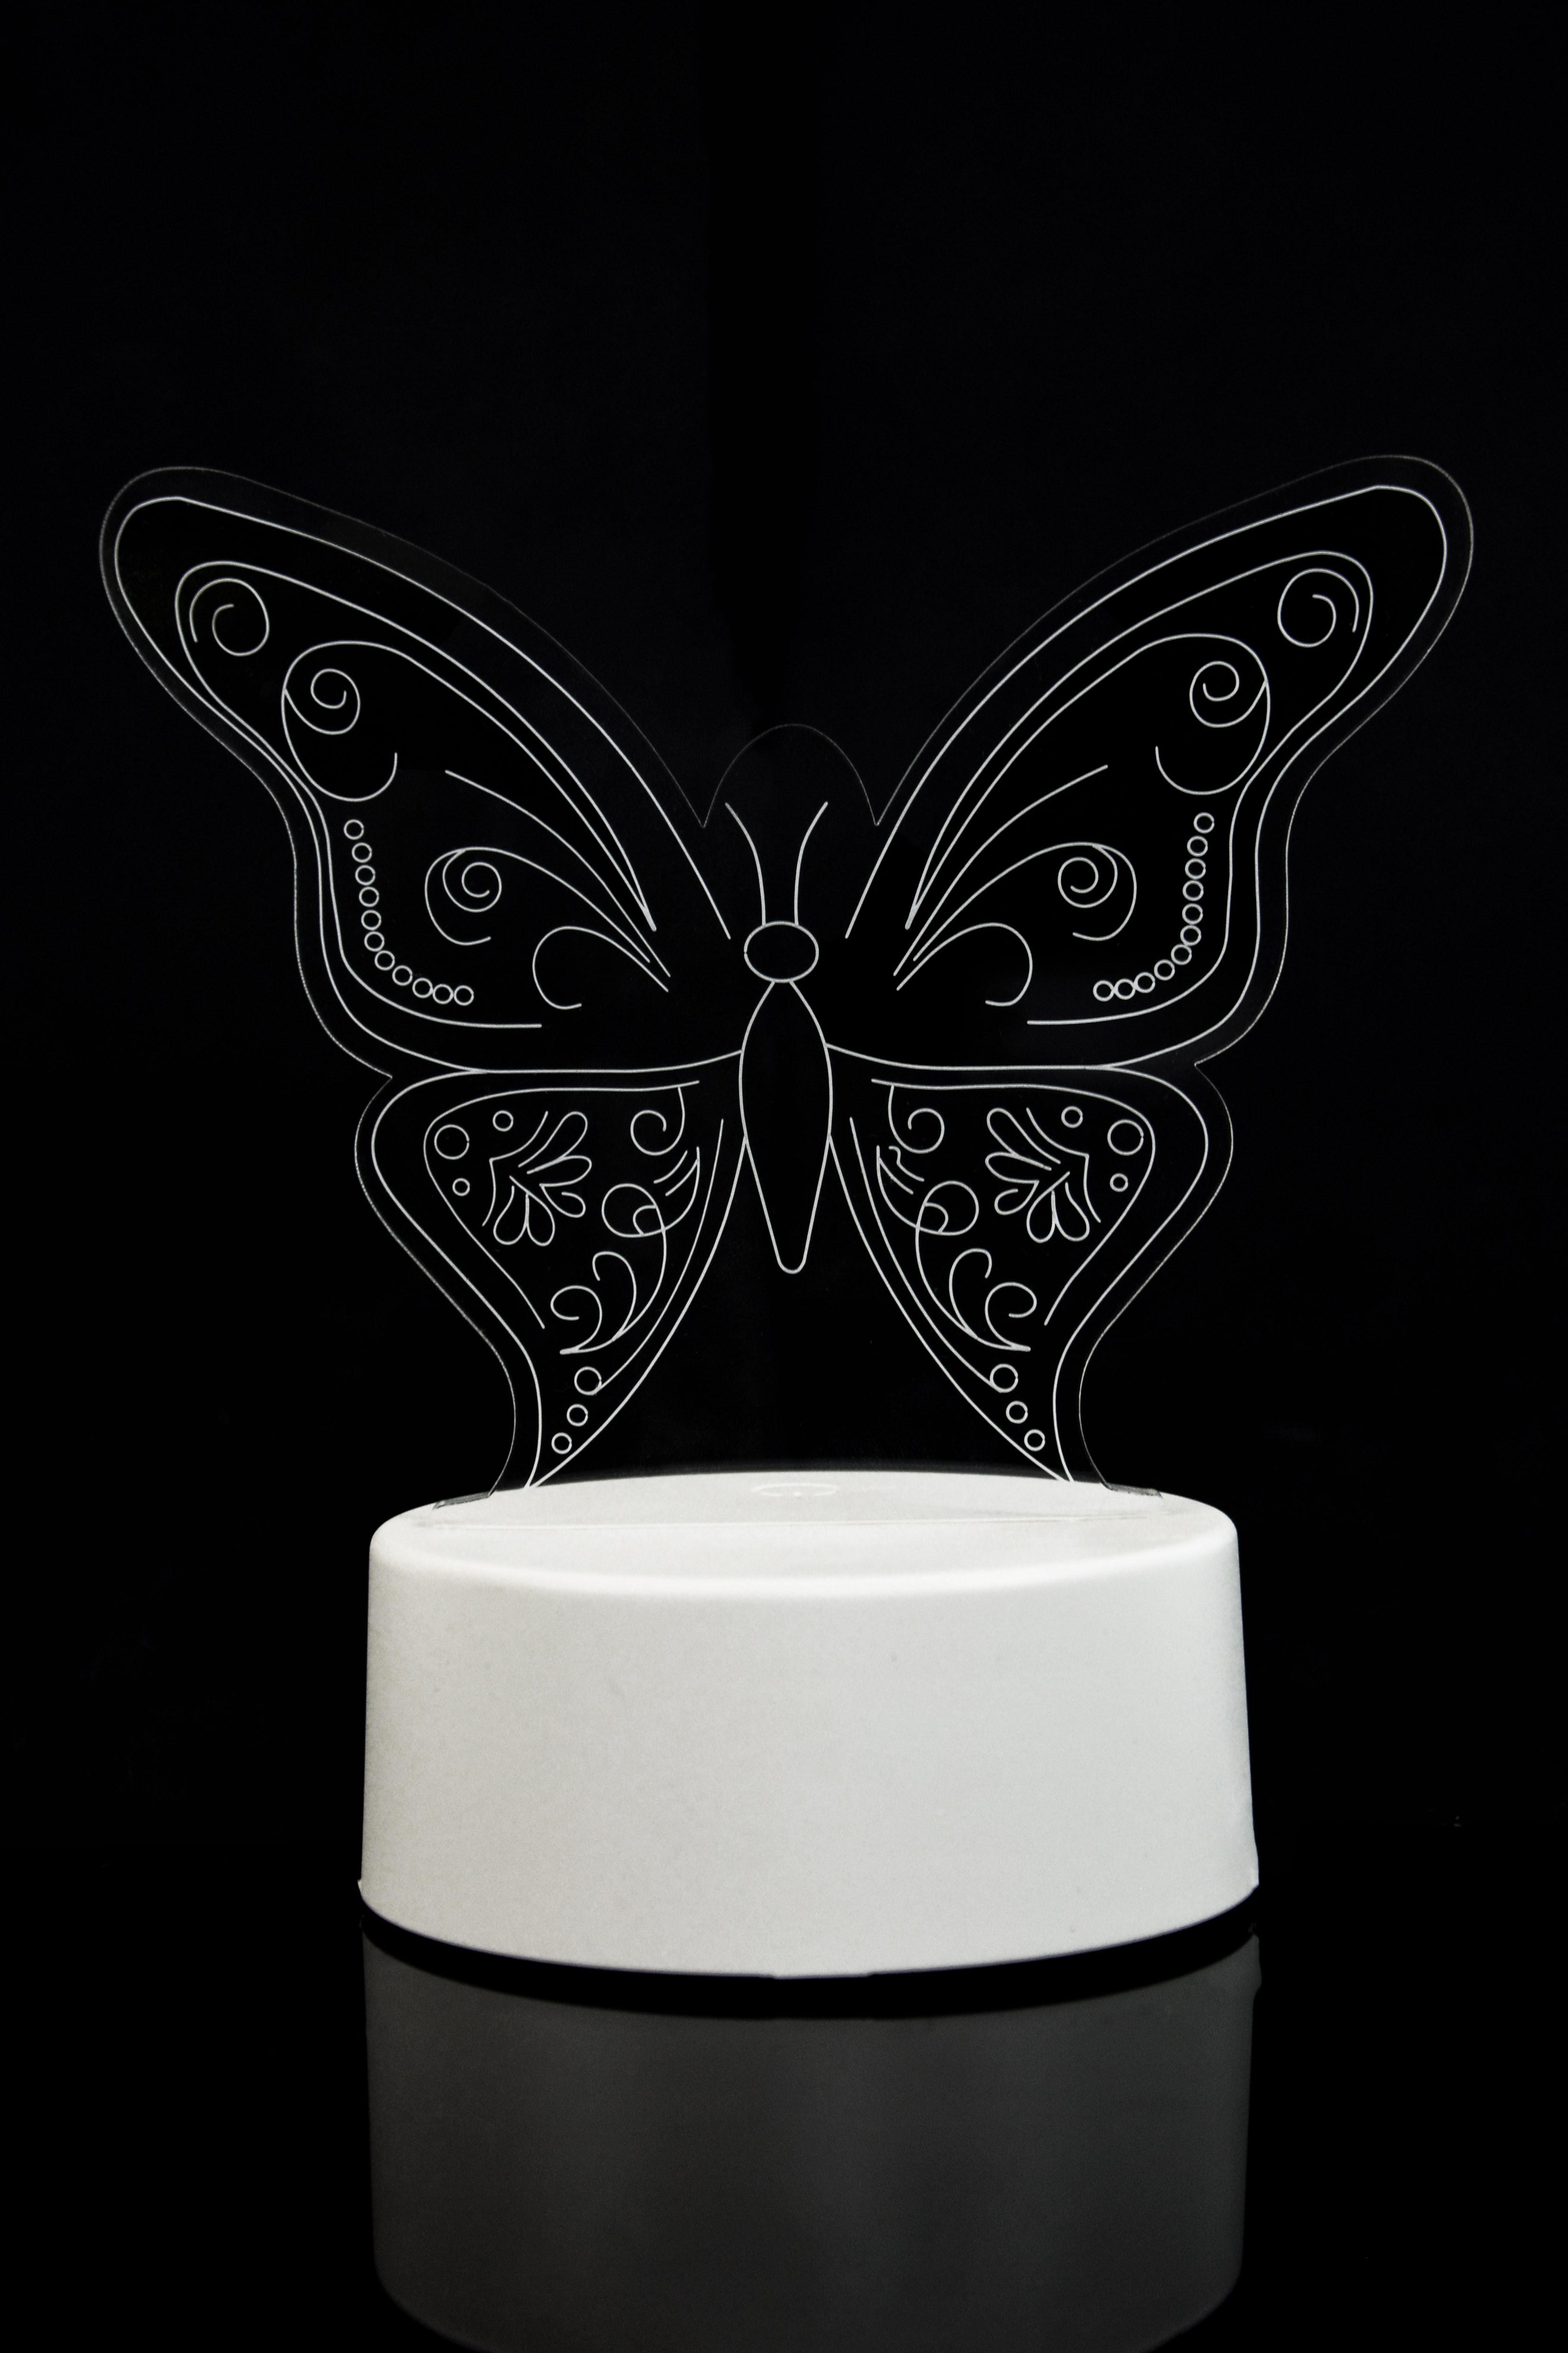 3D Светильник Бабочка 3 цвета в Москве